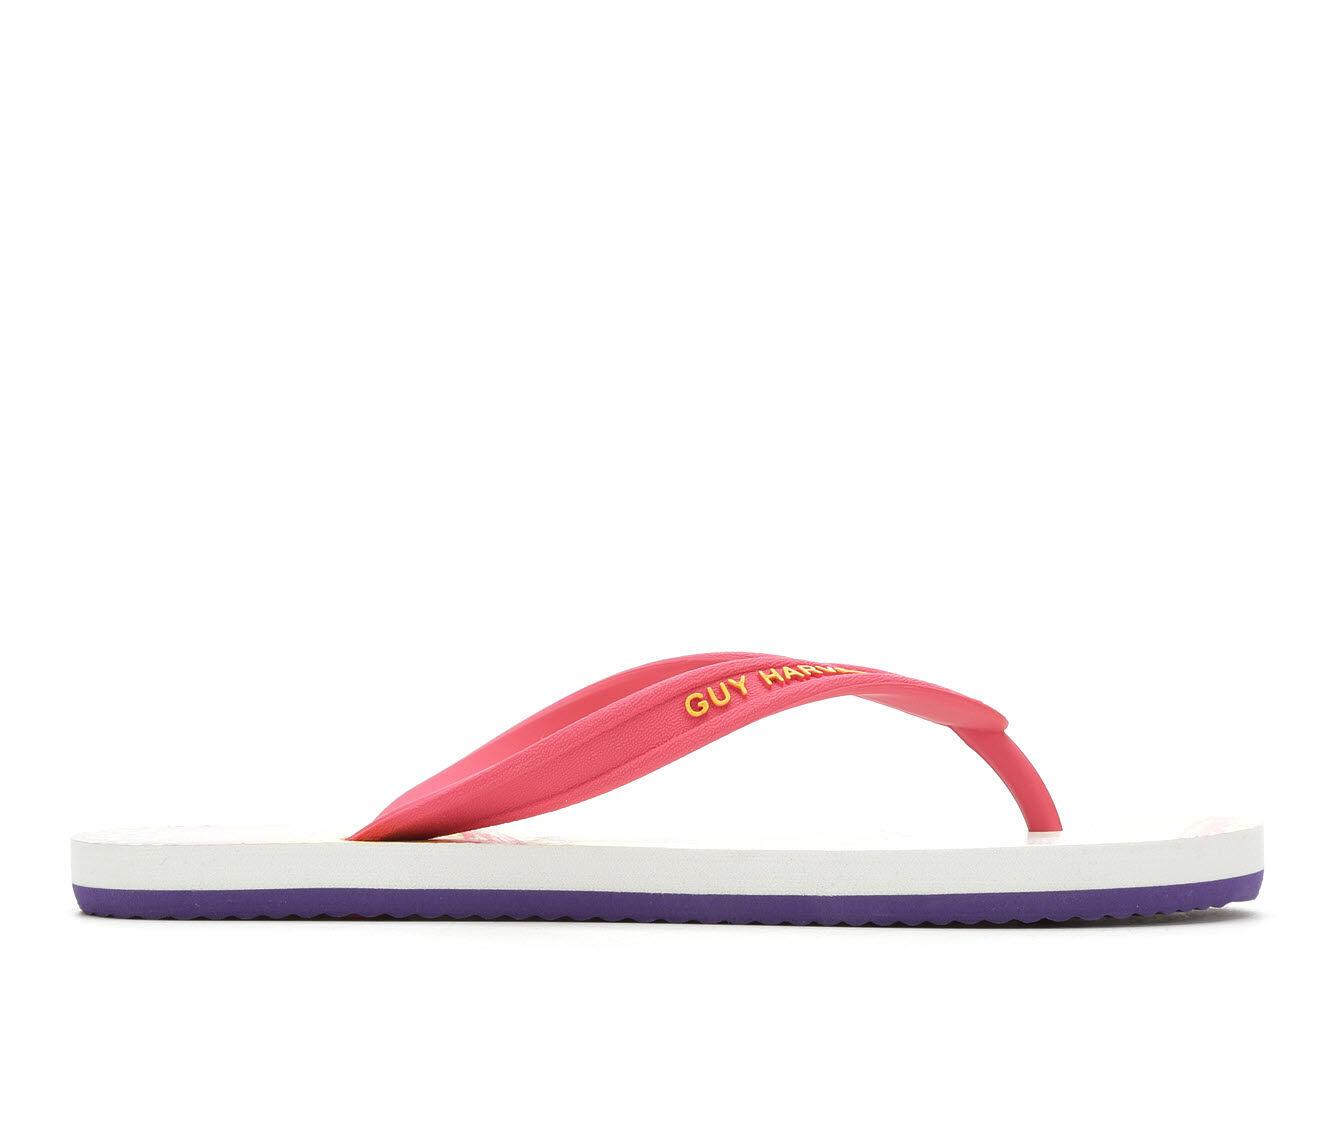 Women's Guy Harvey Cayman Angelfish Camo Flip-Flops Honeysuckle